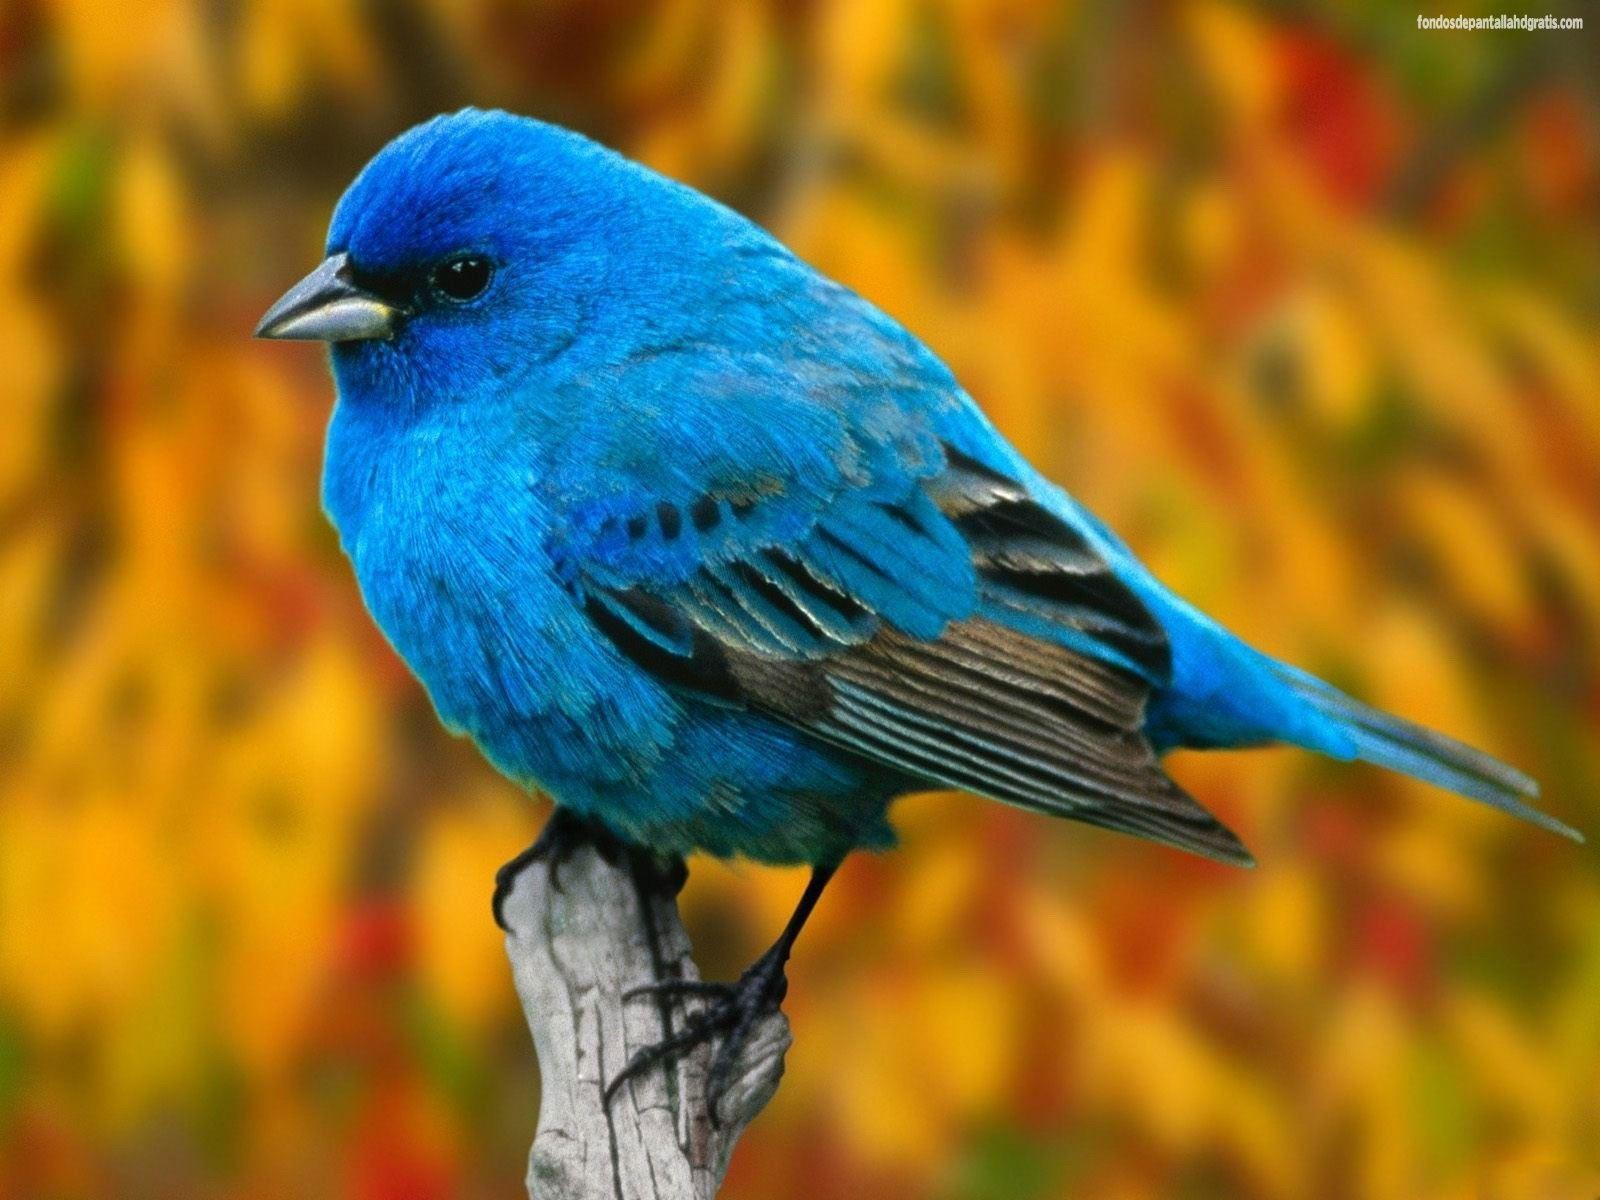 Pajaro azul | birds | Pinterest | Pájaros azules, Pájaro y Azul